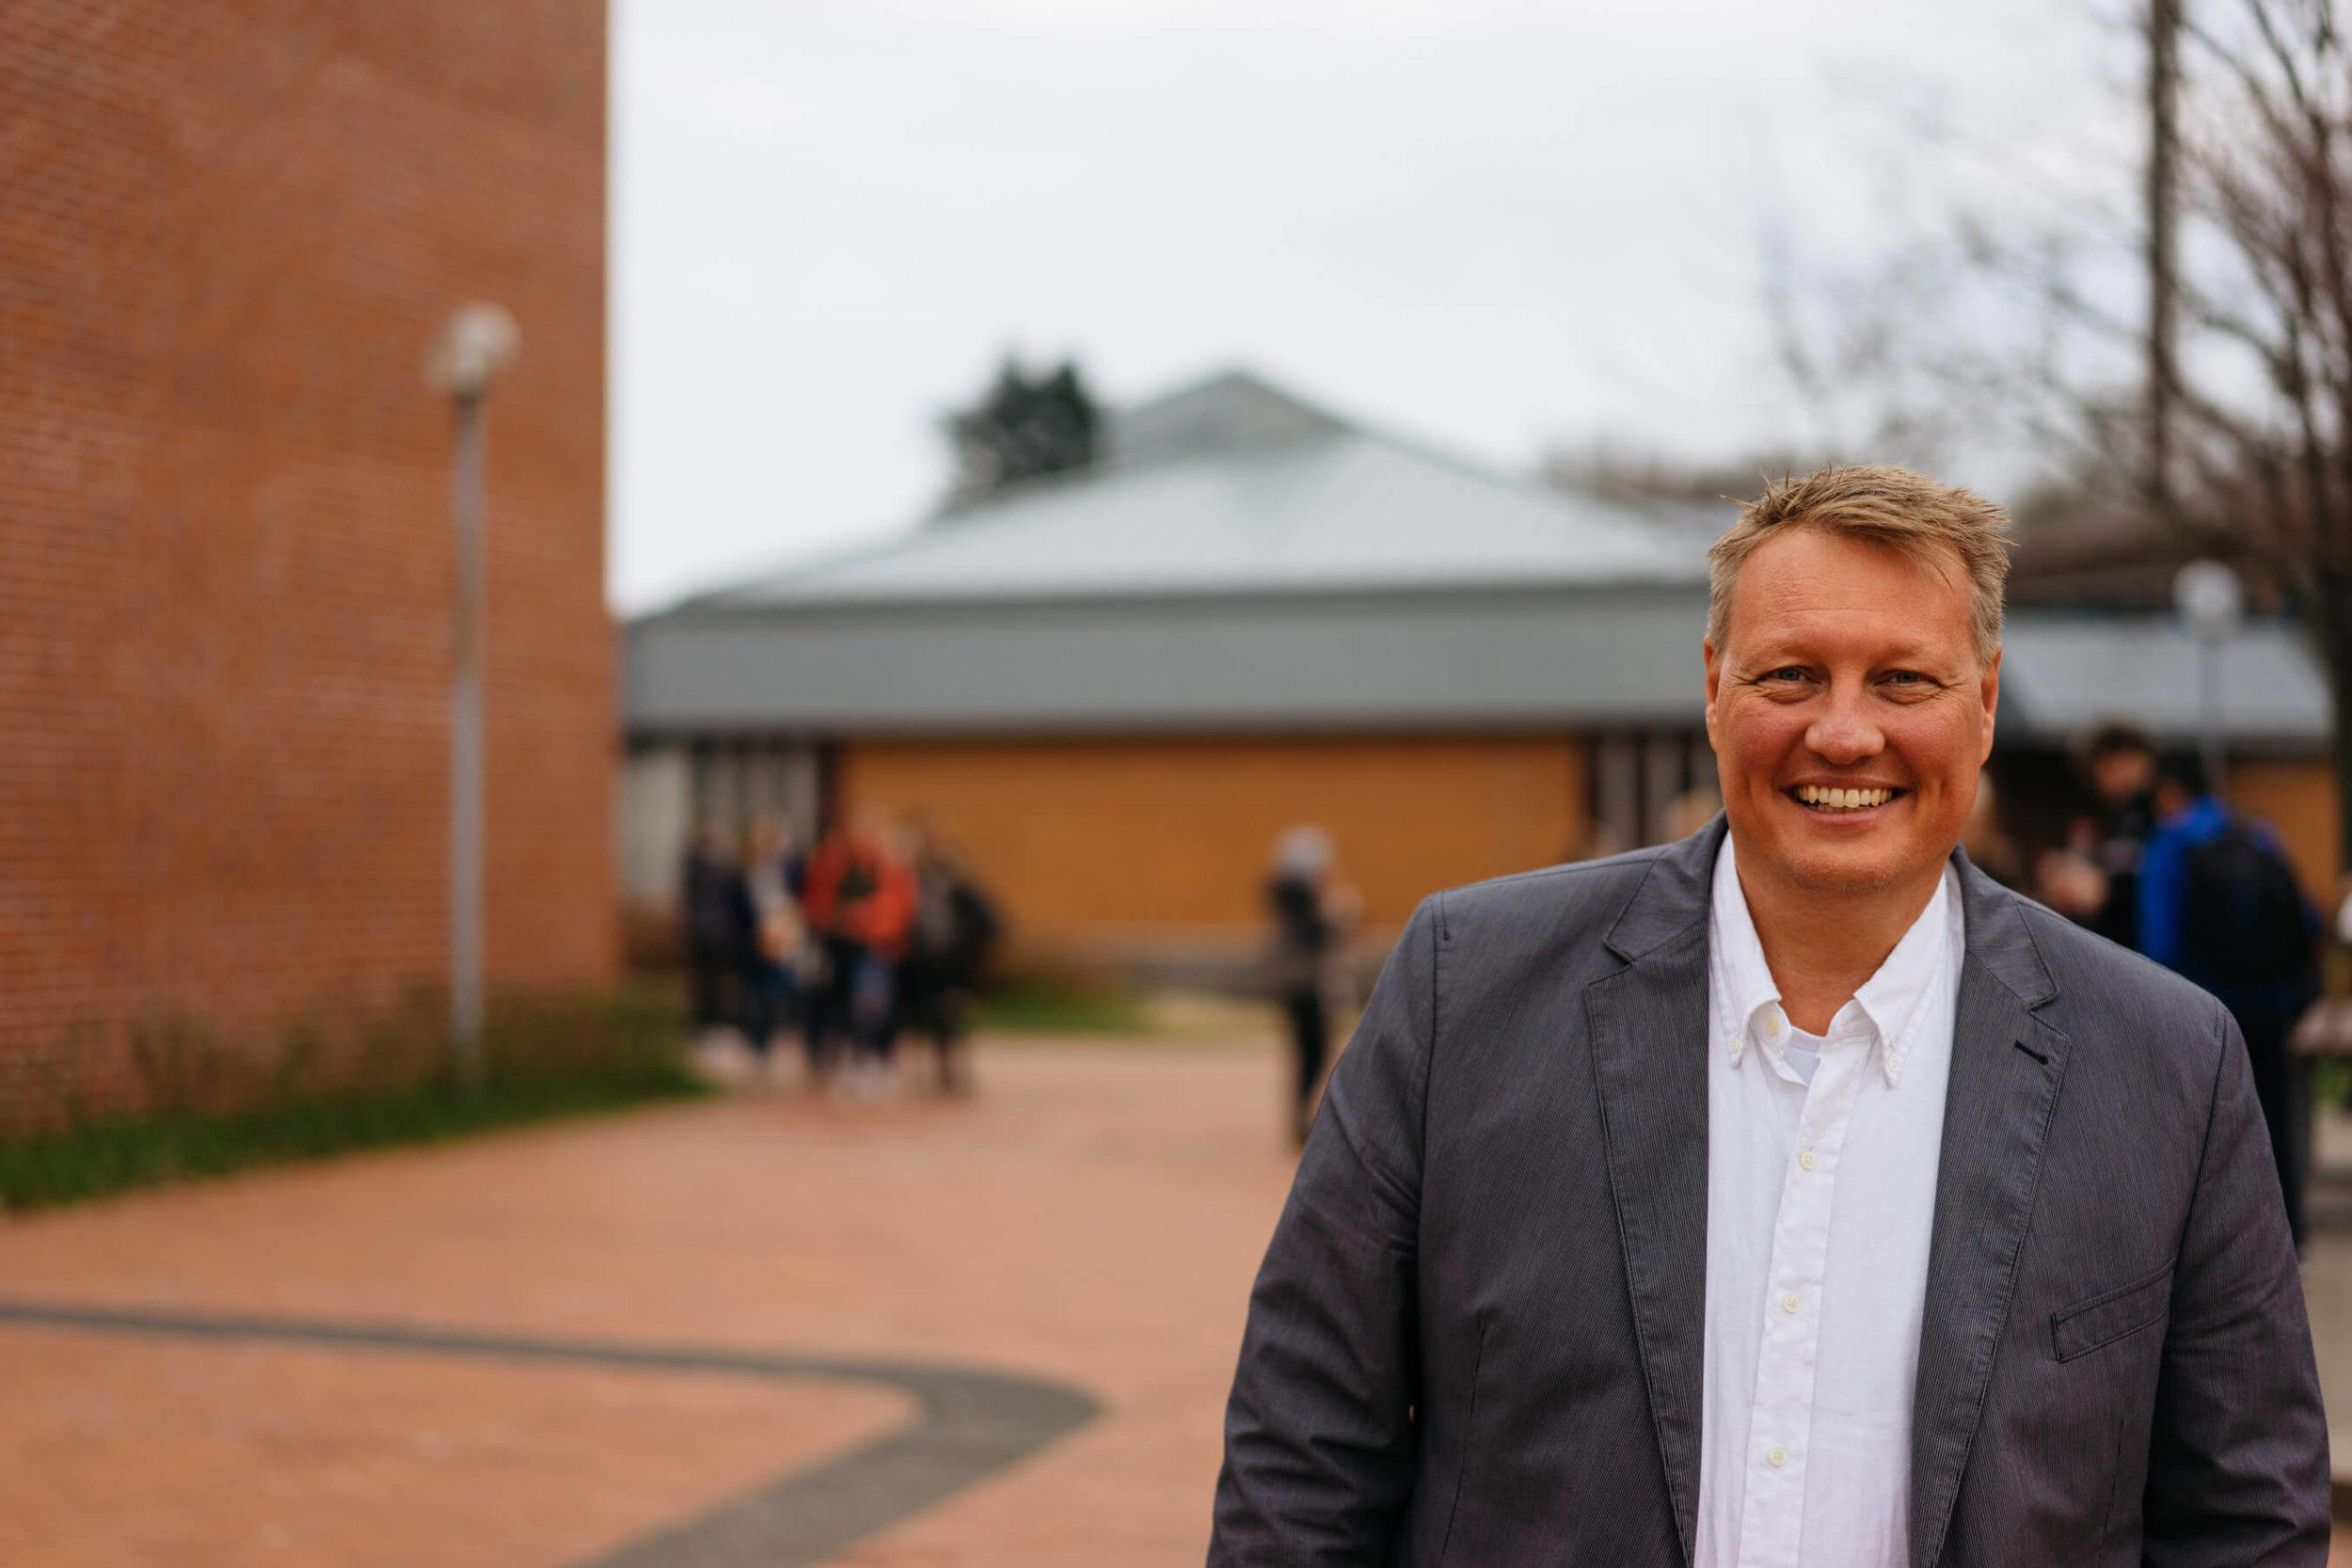 Frank Stöber ist der Vorsitzende des Schulleitungsverbandes in Niedersachsen (SLVN).